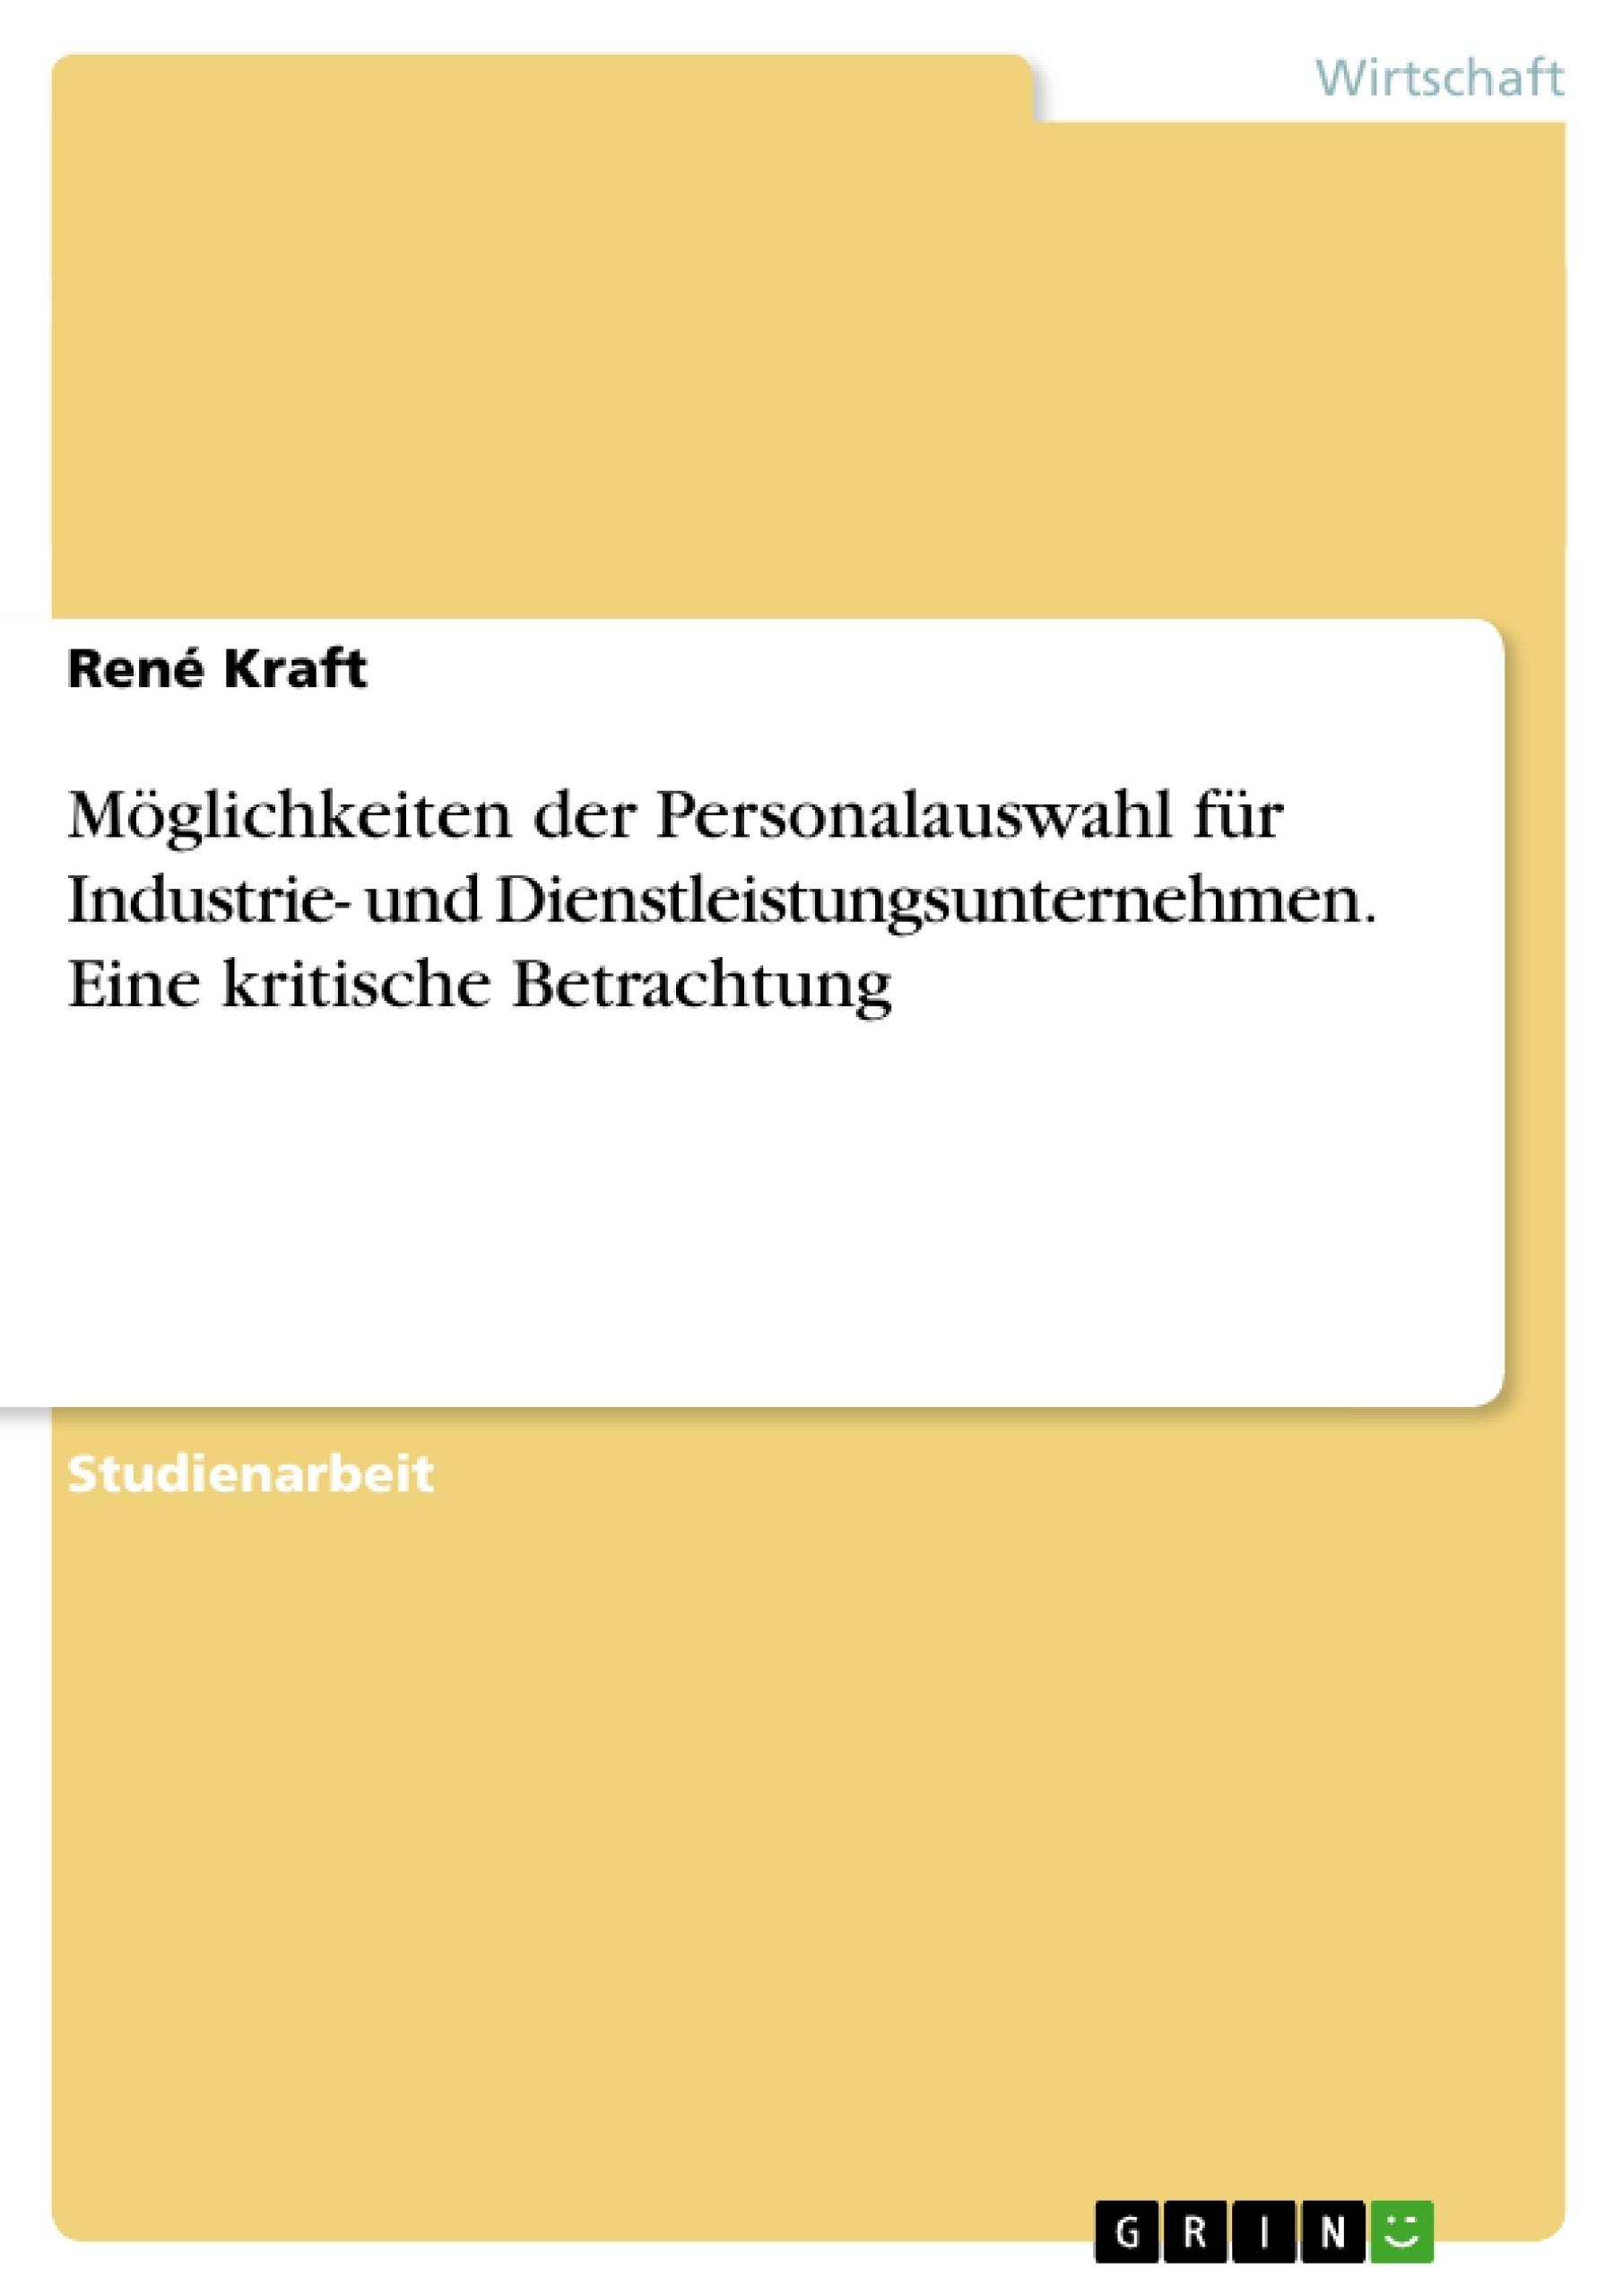 Titel: Möglichkeiten der Personalauswahl für Industrie- und Dienstleistungsunternehmen. Eine kritische Betrachtung